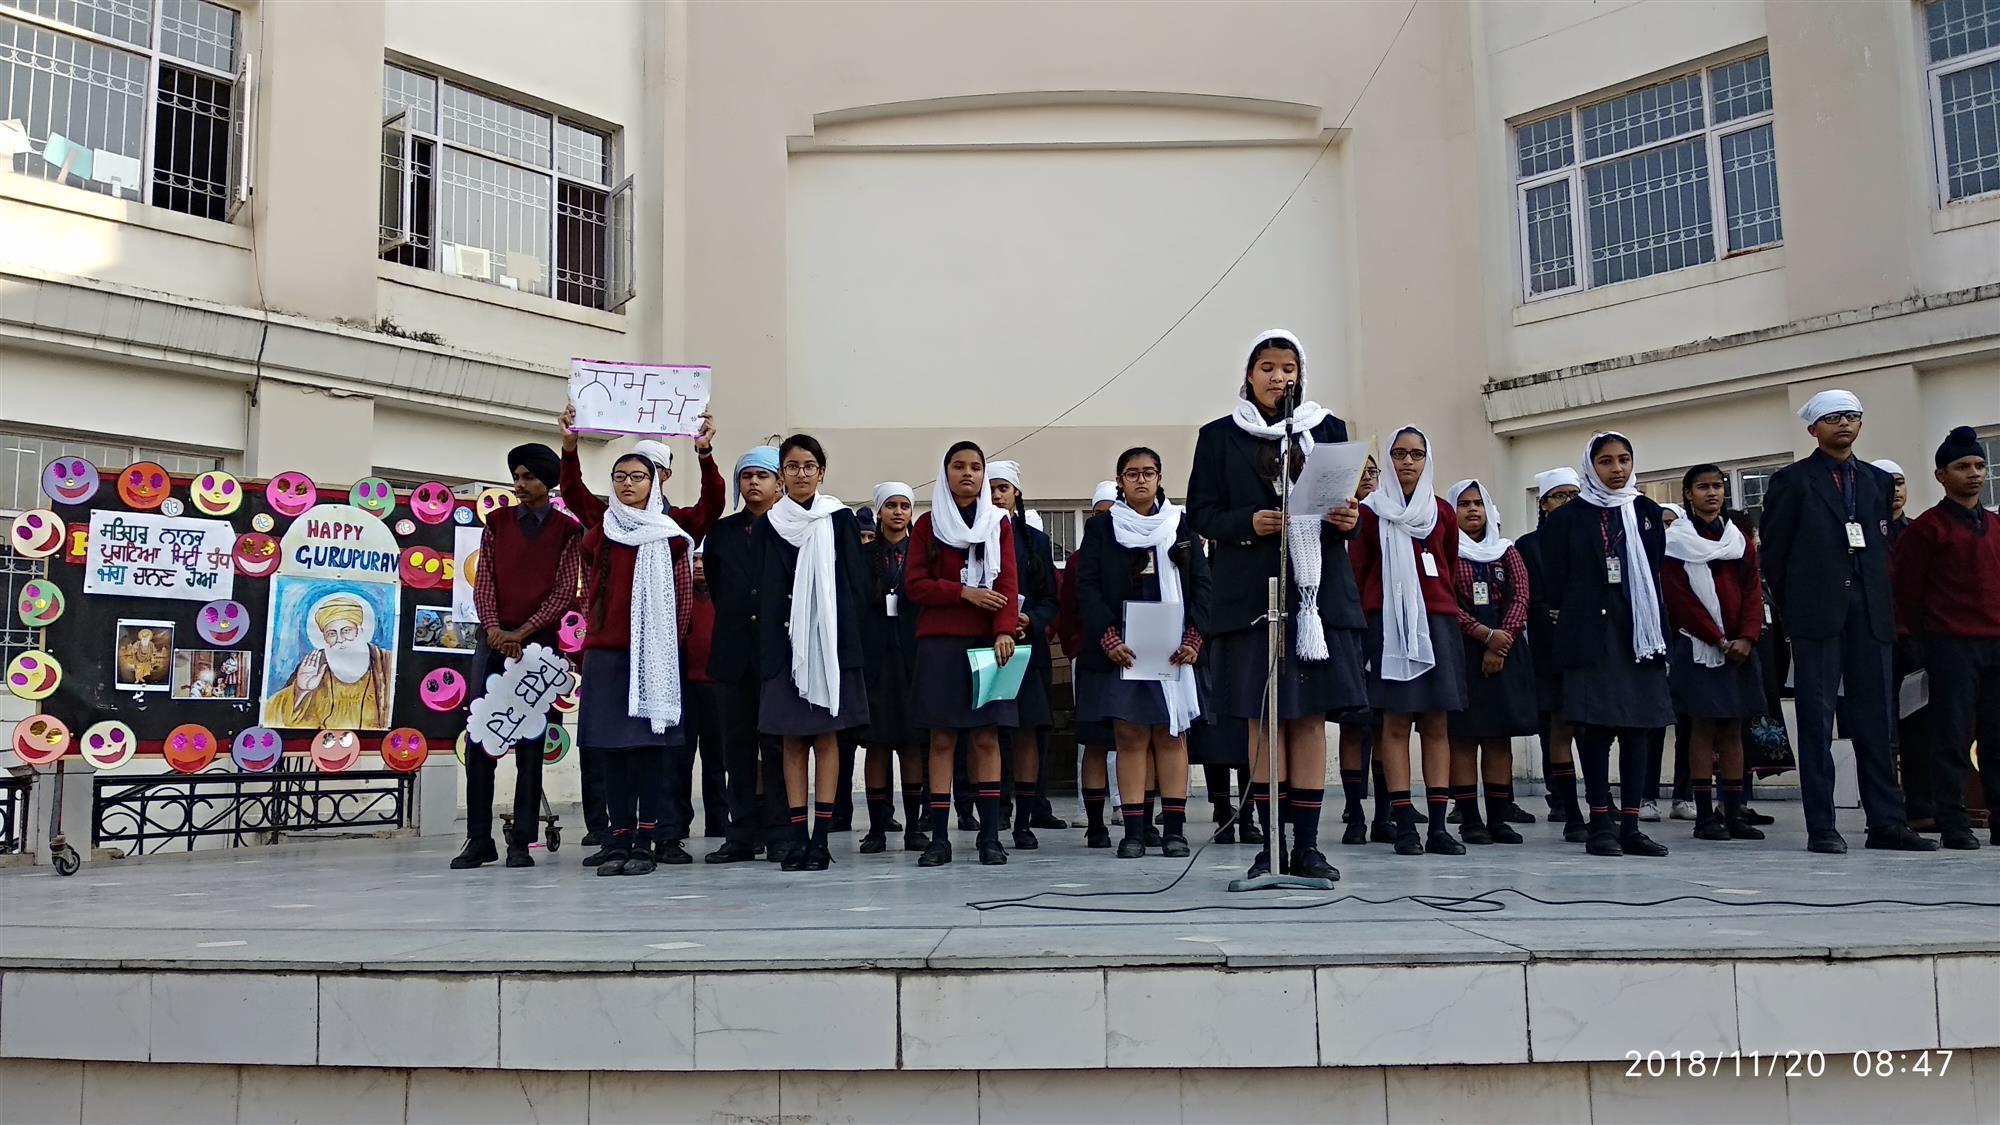 Gurupurab | AKSIPS 45 Chandigarh